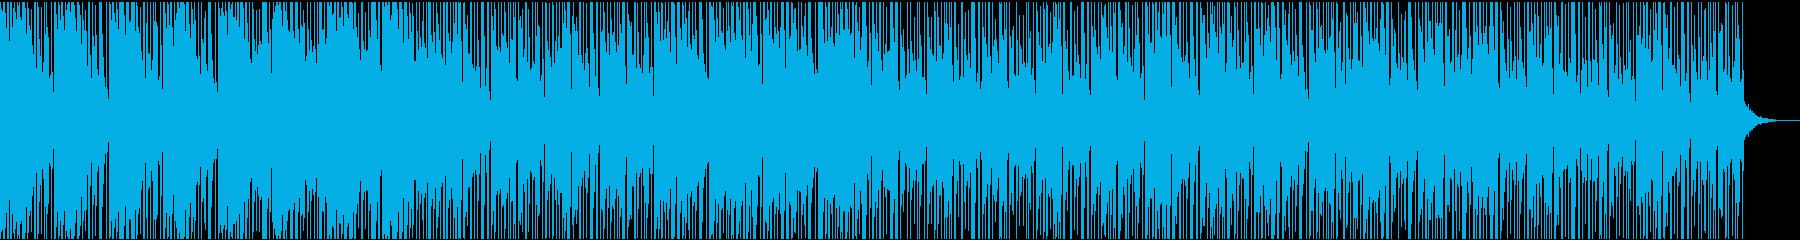 サスペンス・何かが起こるような曲の再生済みの波形